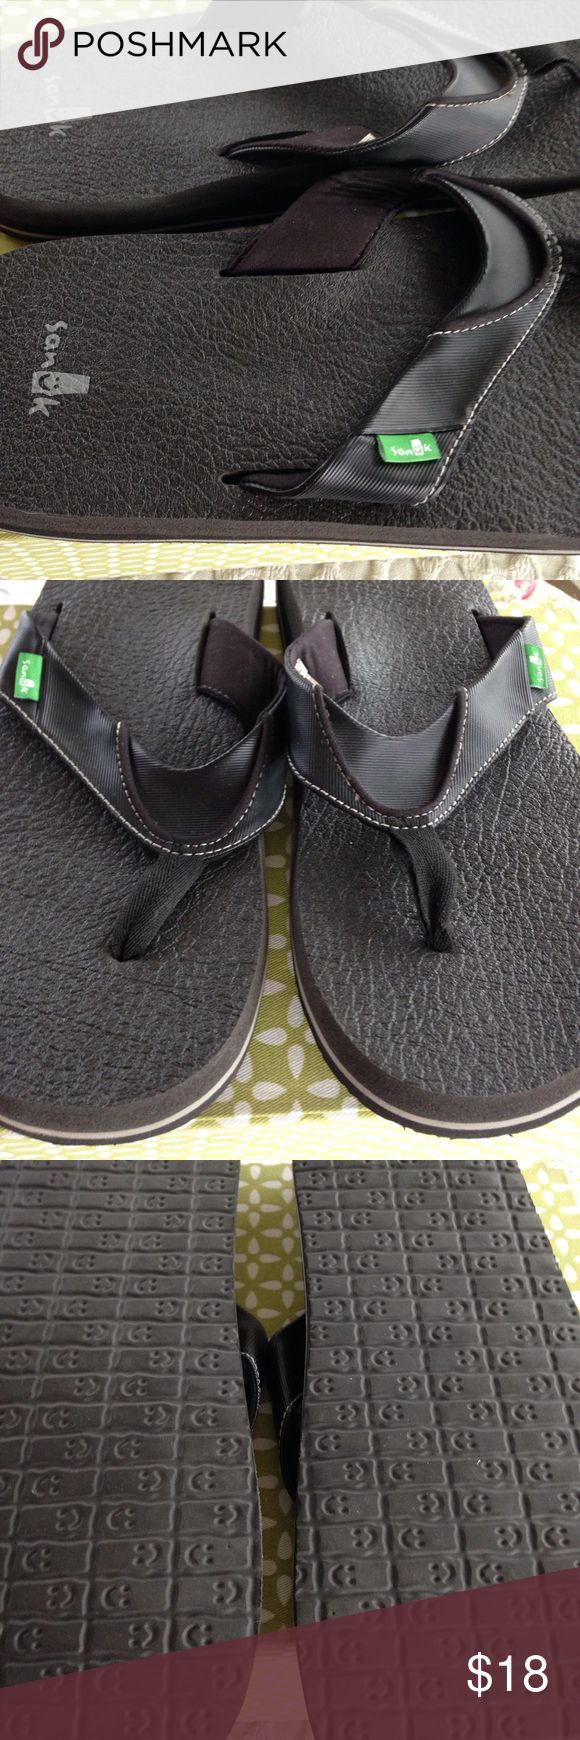 Sanuk flip flops These men's flip flops are in excellent condition. Sanuk Shoes Sandals & Flip-Flops